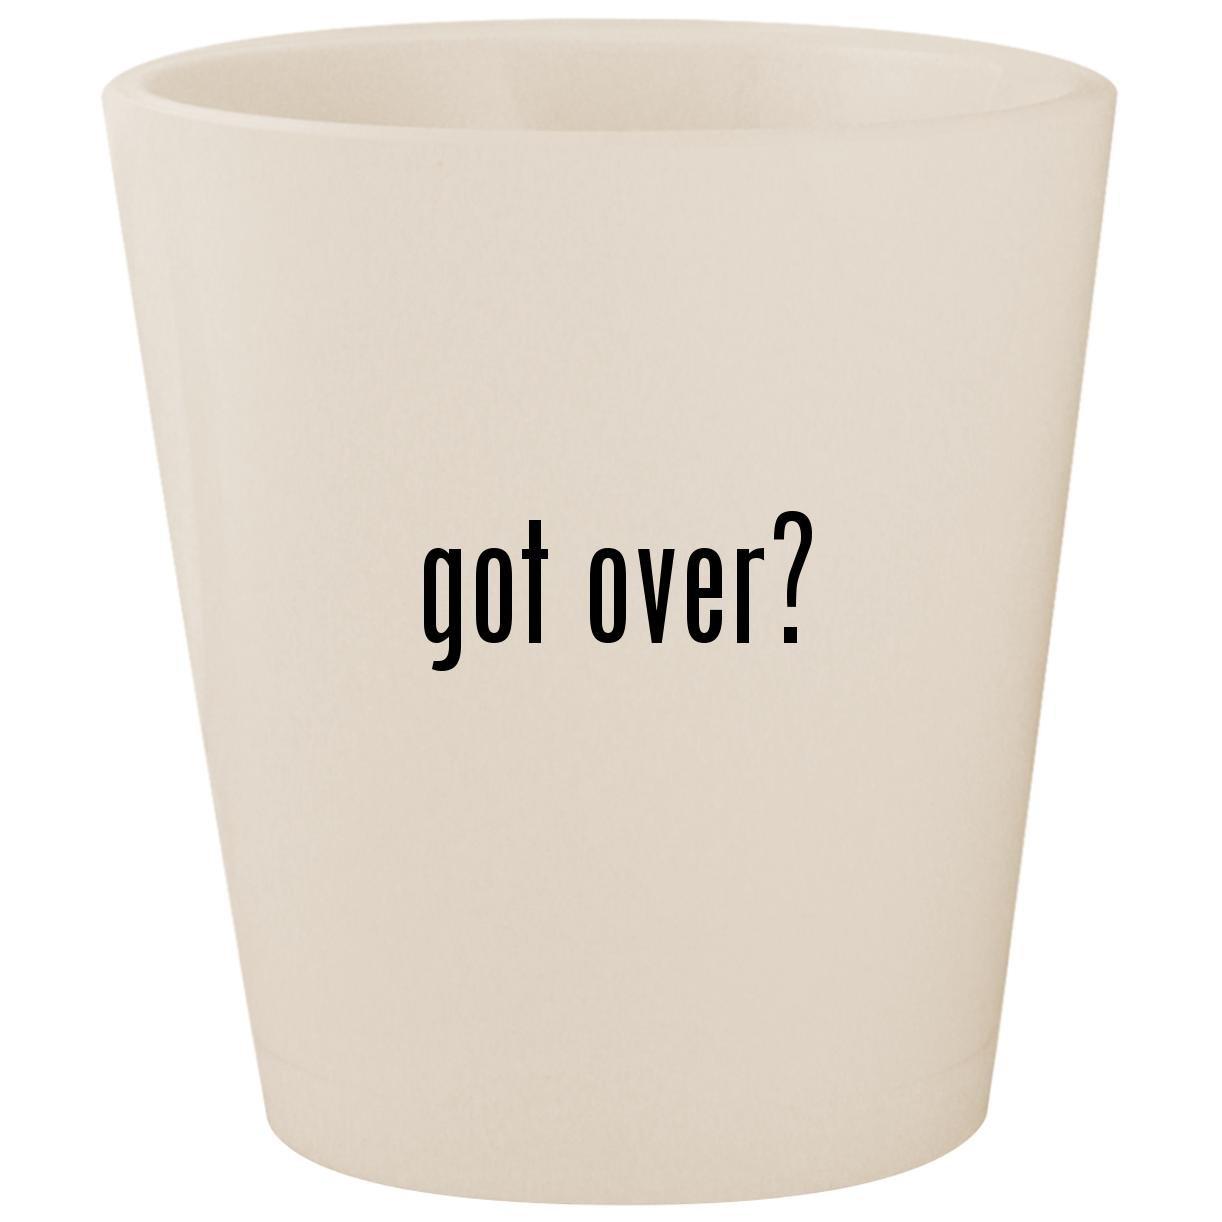 got over? - White Ceramic 1.5oz Shot Glass